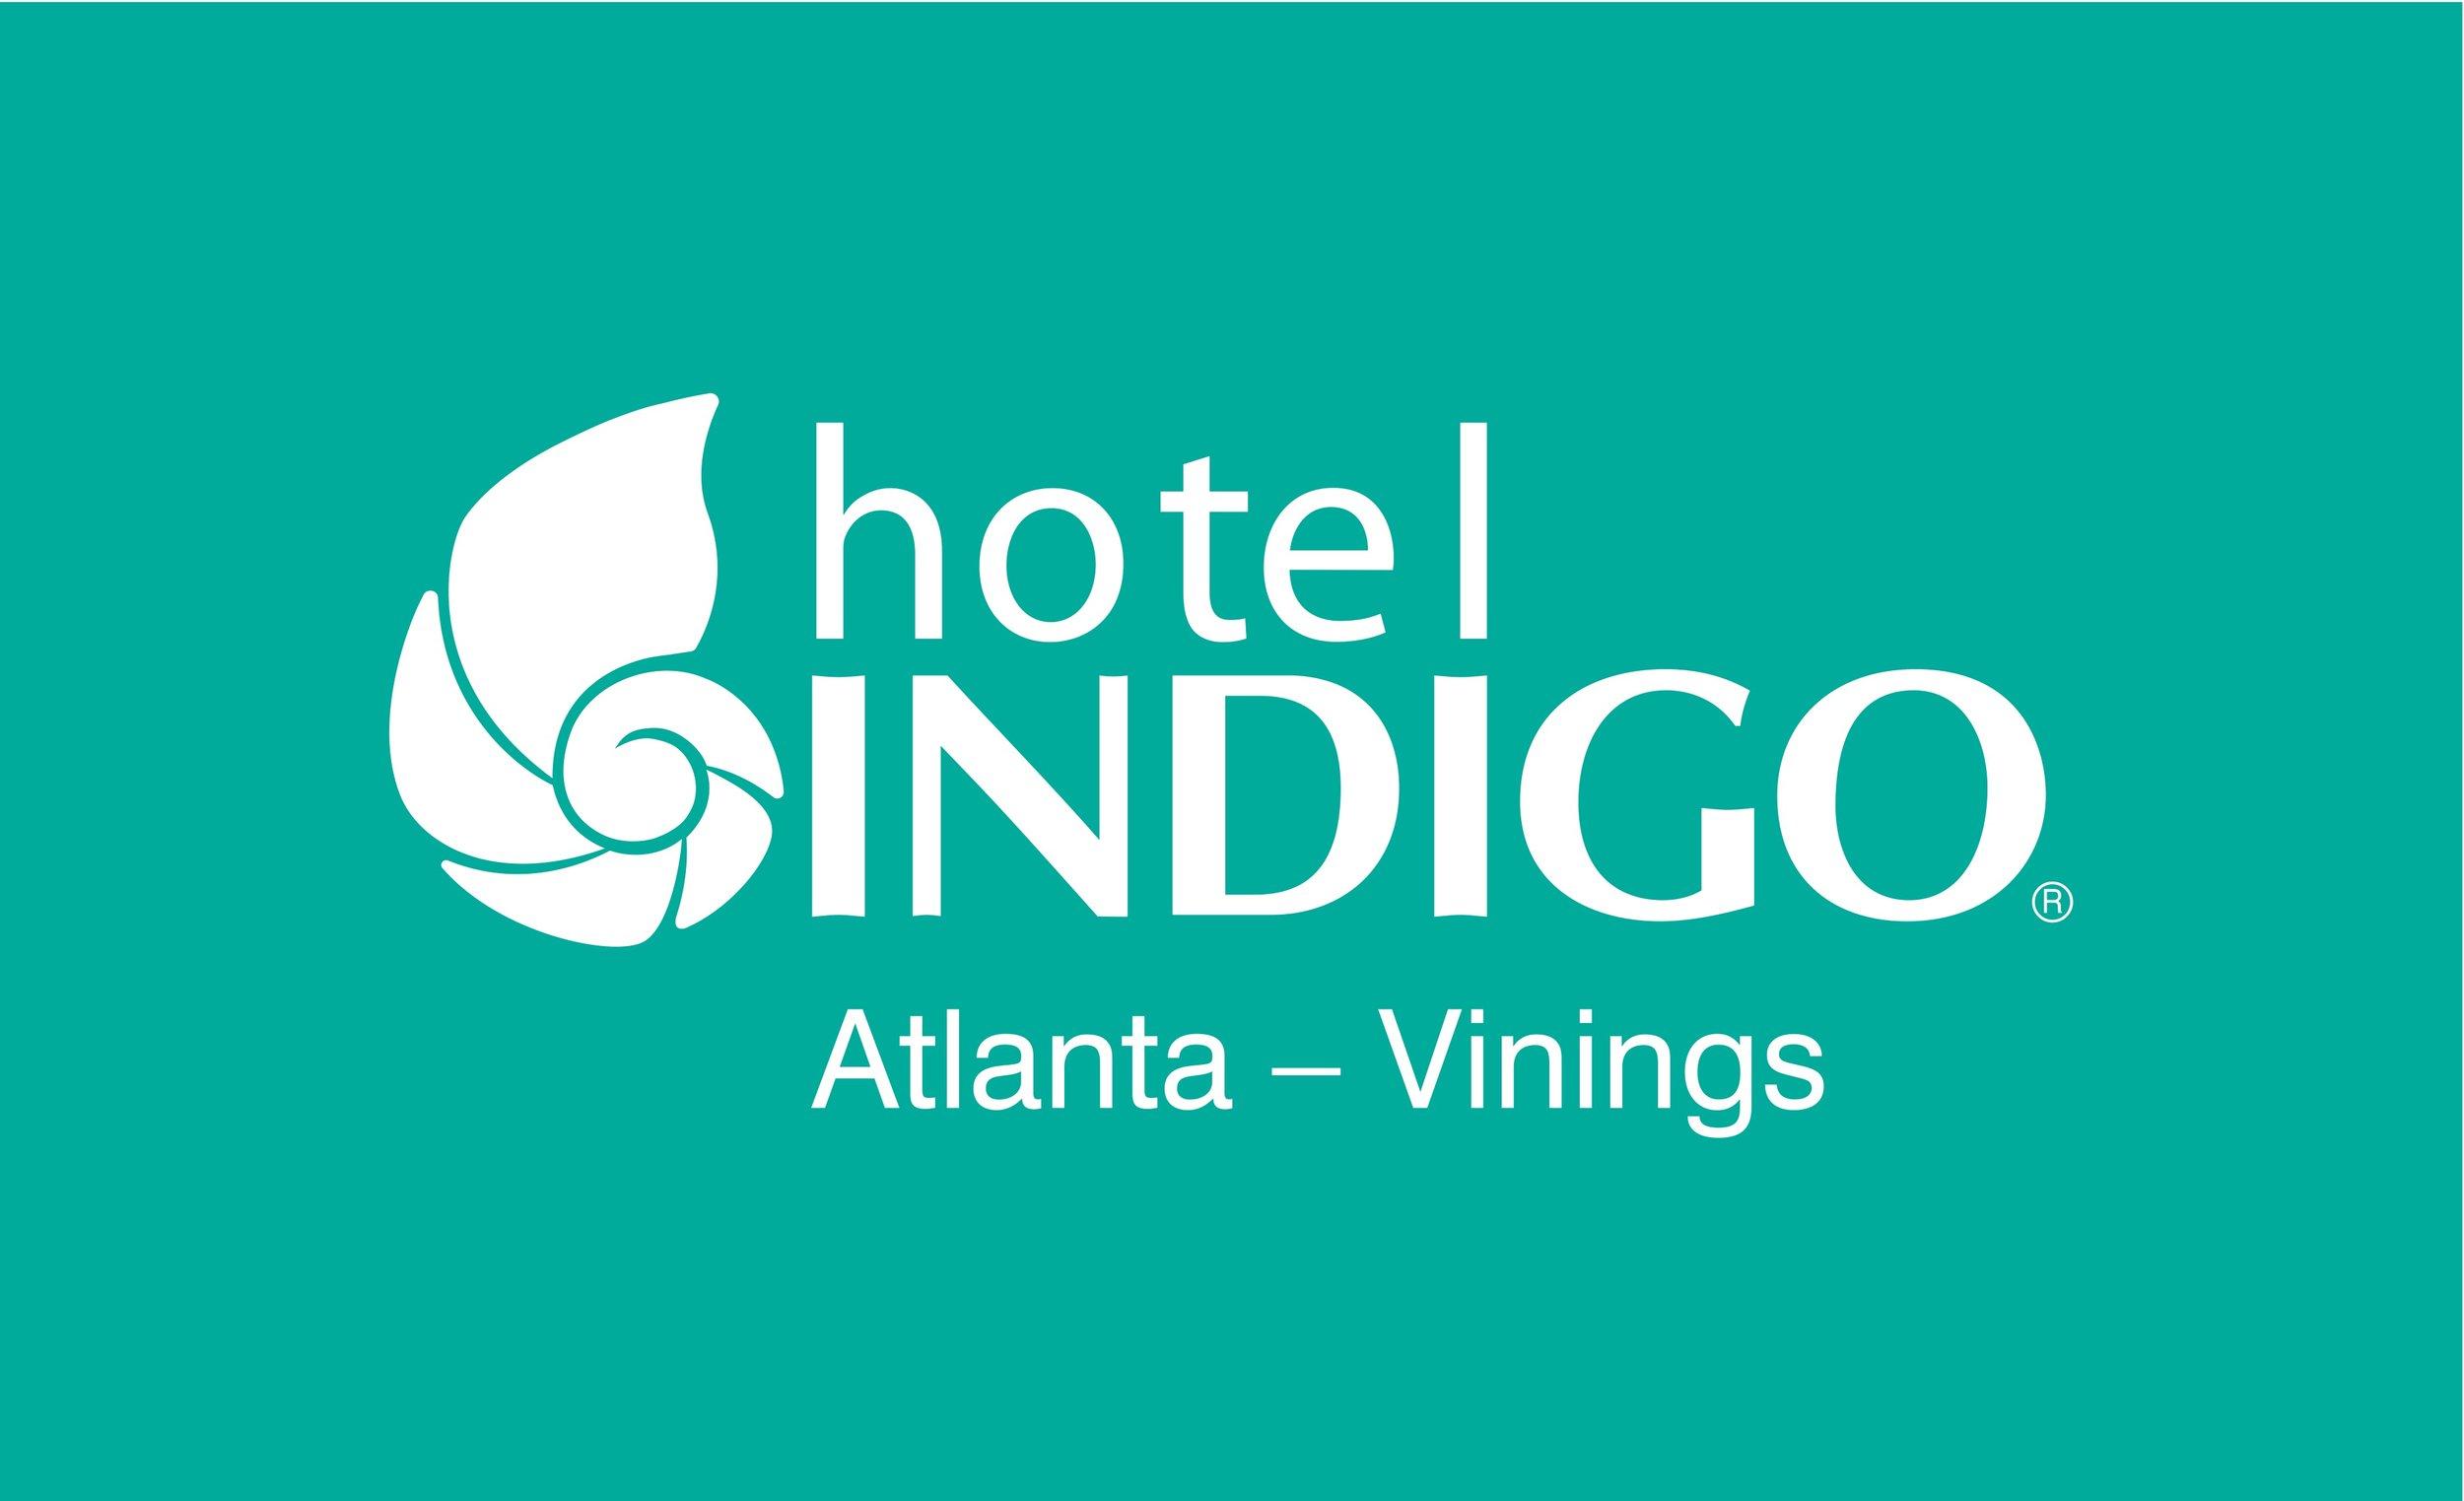 Atlanta-Vinings_TEAL_WHT.JPEG